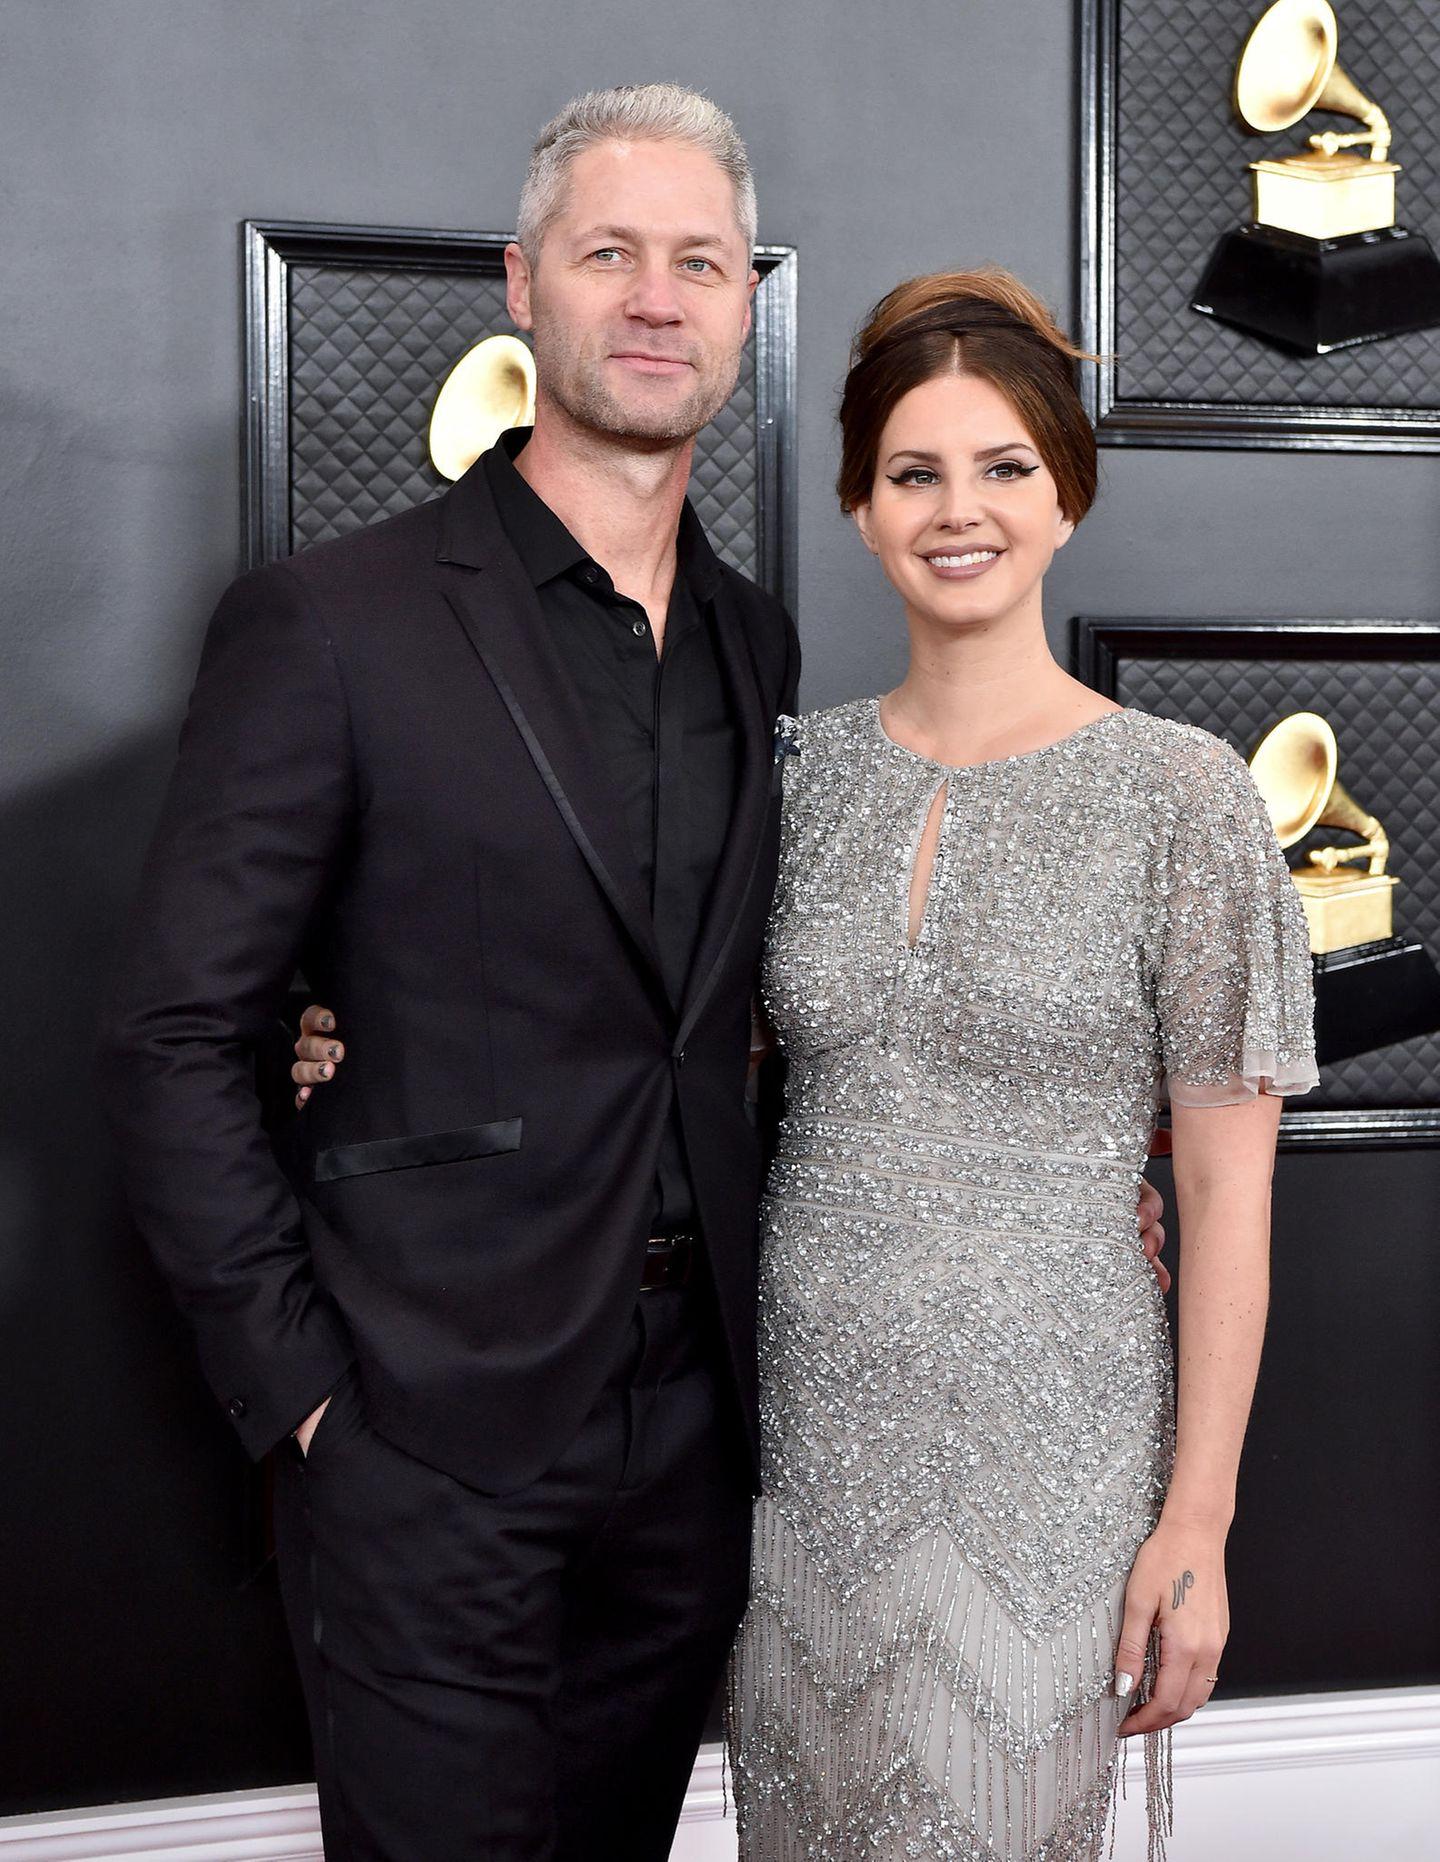 Promi-Trennungen 2020: Sean Larkin und Lana Del Rey